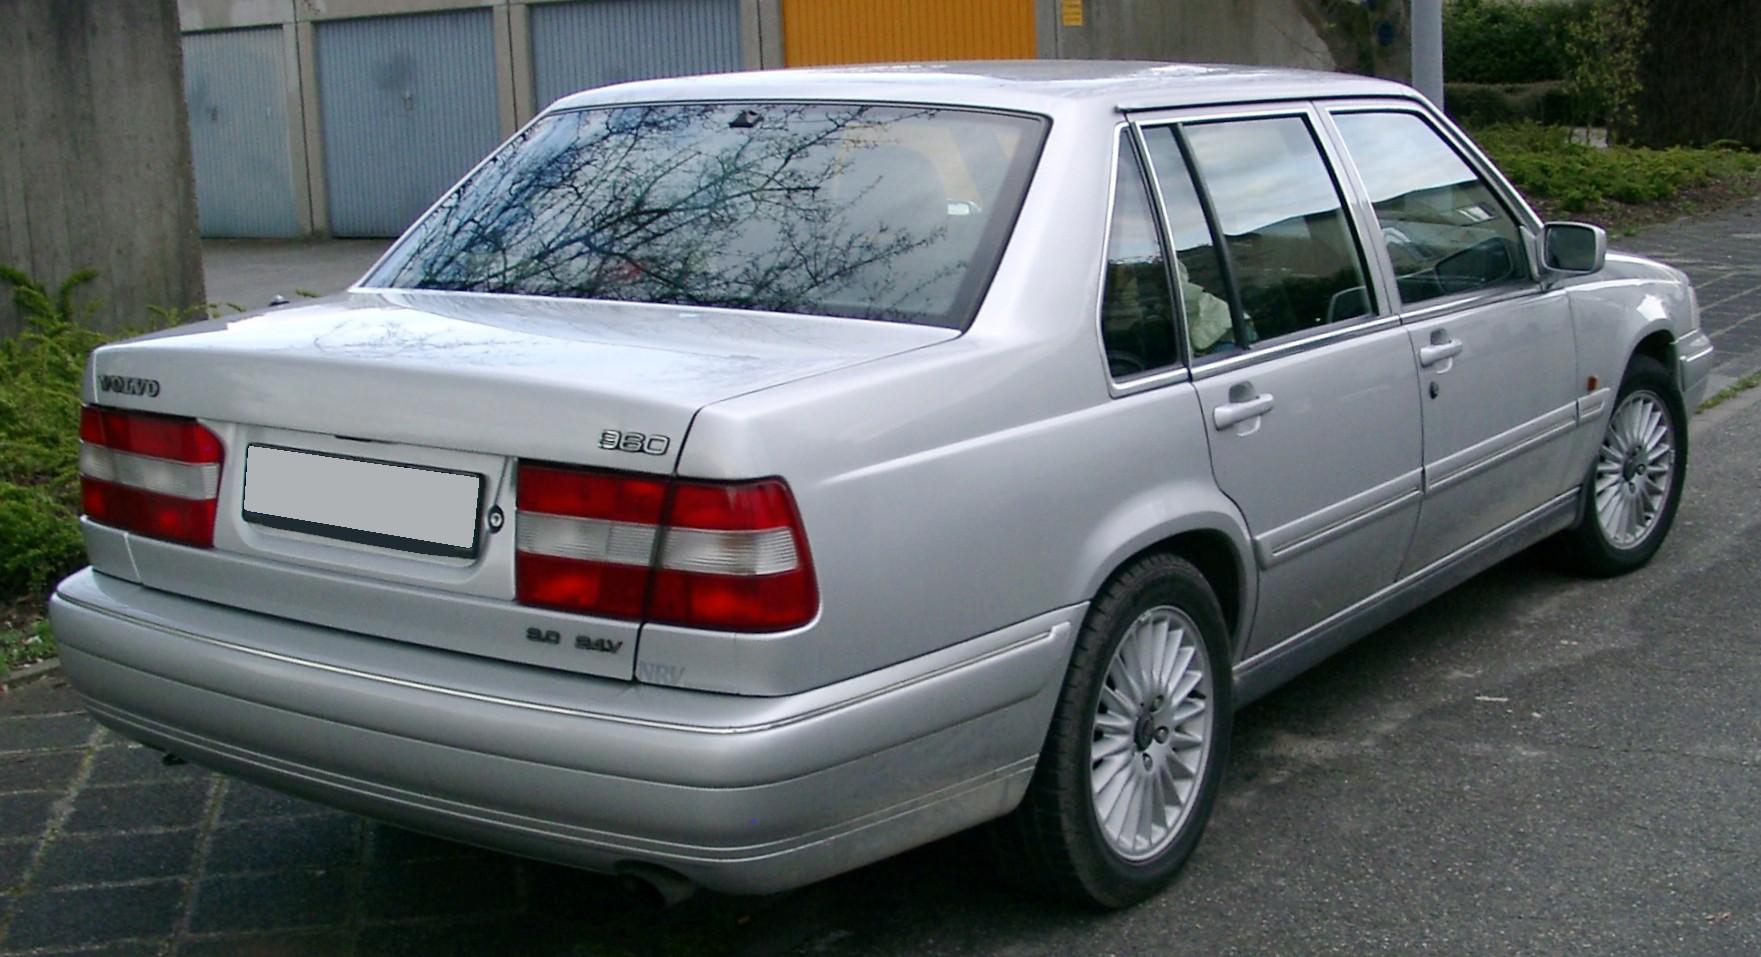 Volvo_960_rear_20080331.jpg